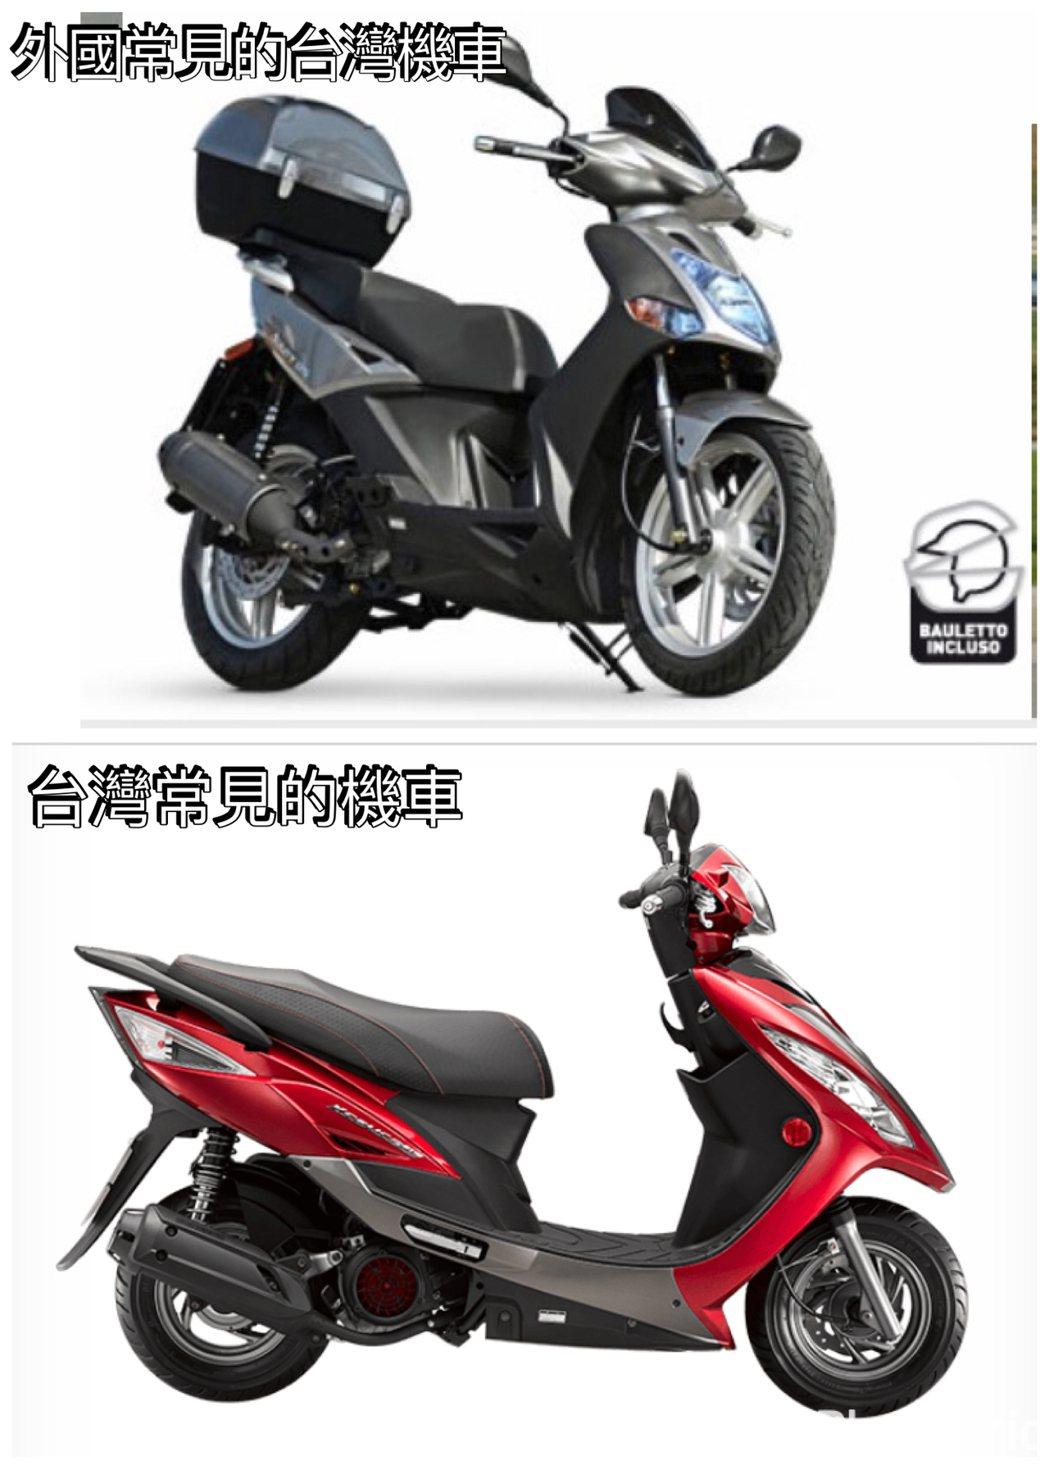 圖片來源/ 台灣kymco 、 義大利kymco